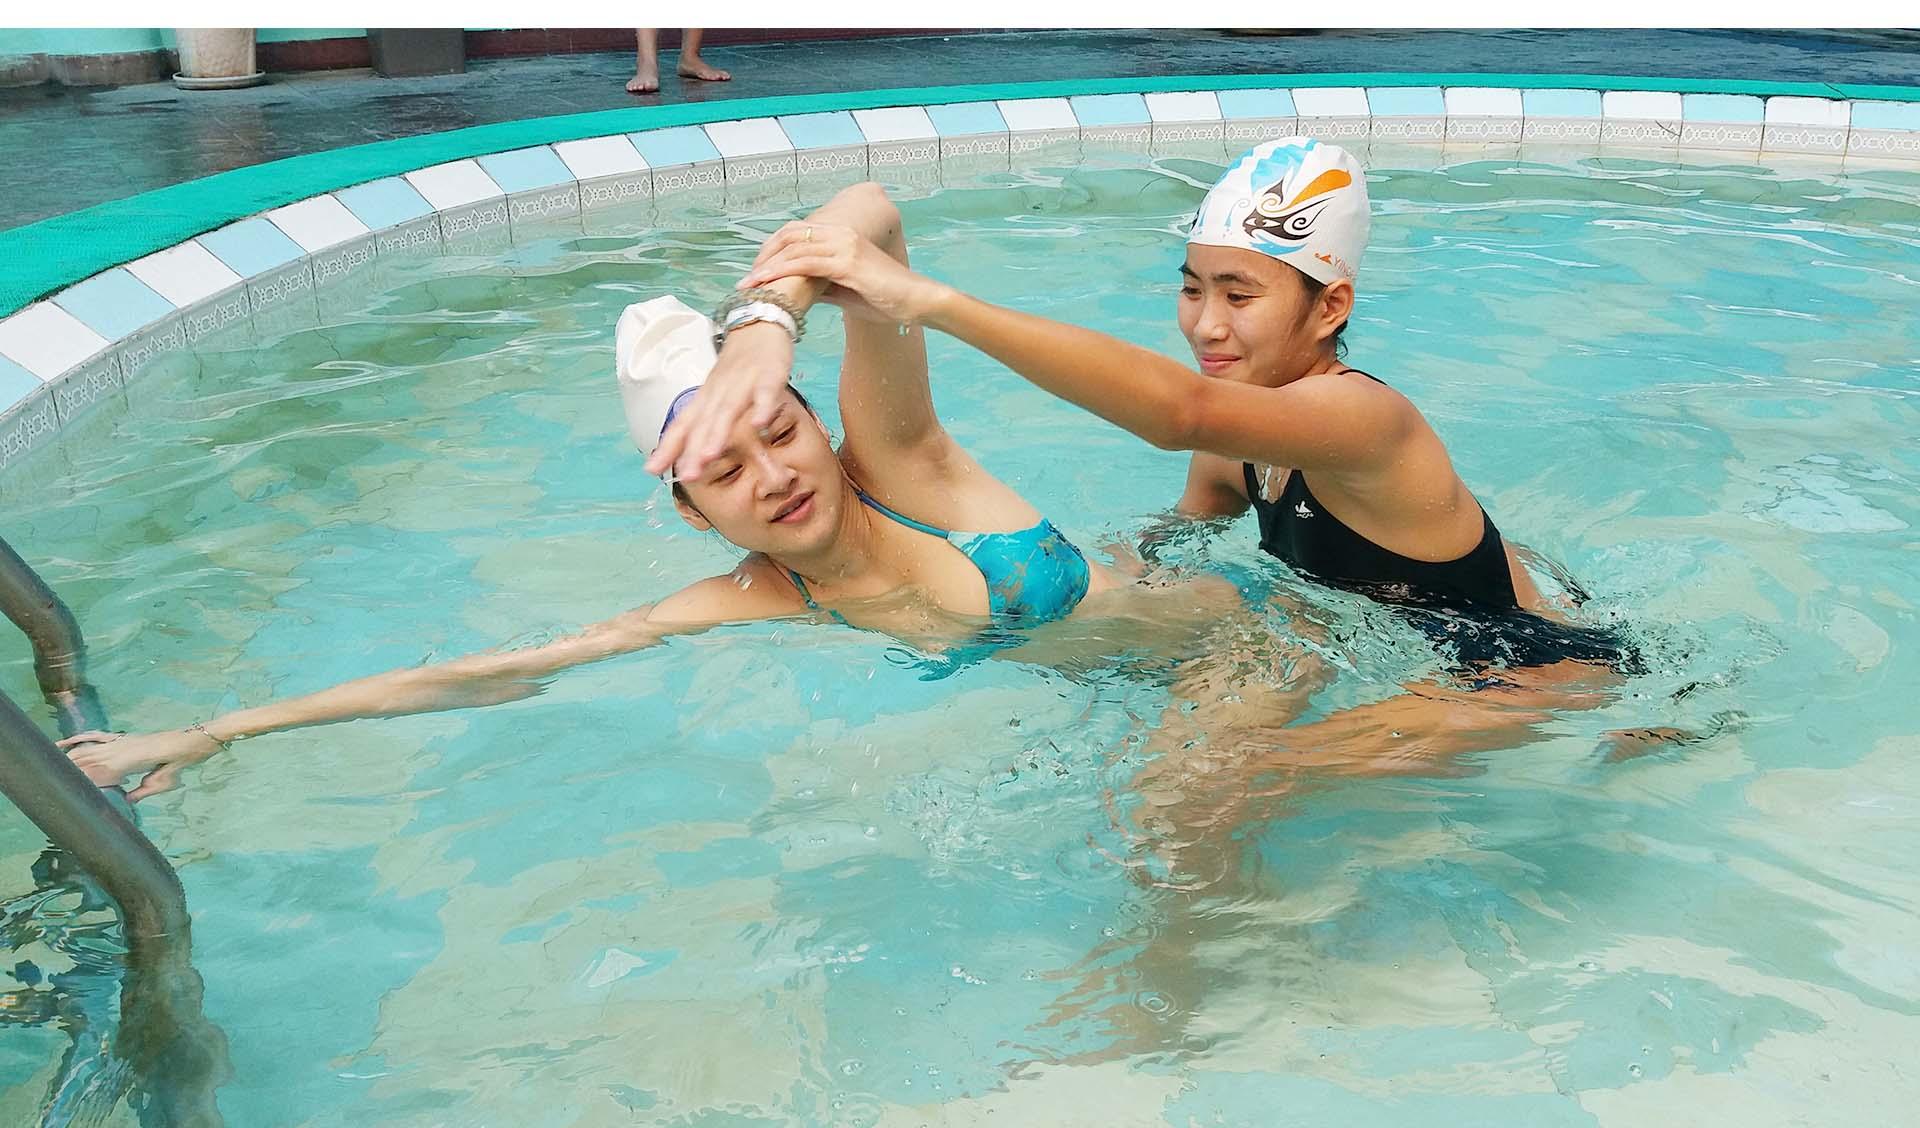 Kết quả hình ảnh cho 5 mẹo giúp bạn học bơi nhanh nhất